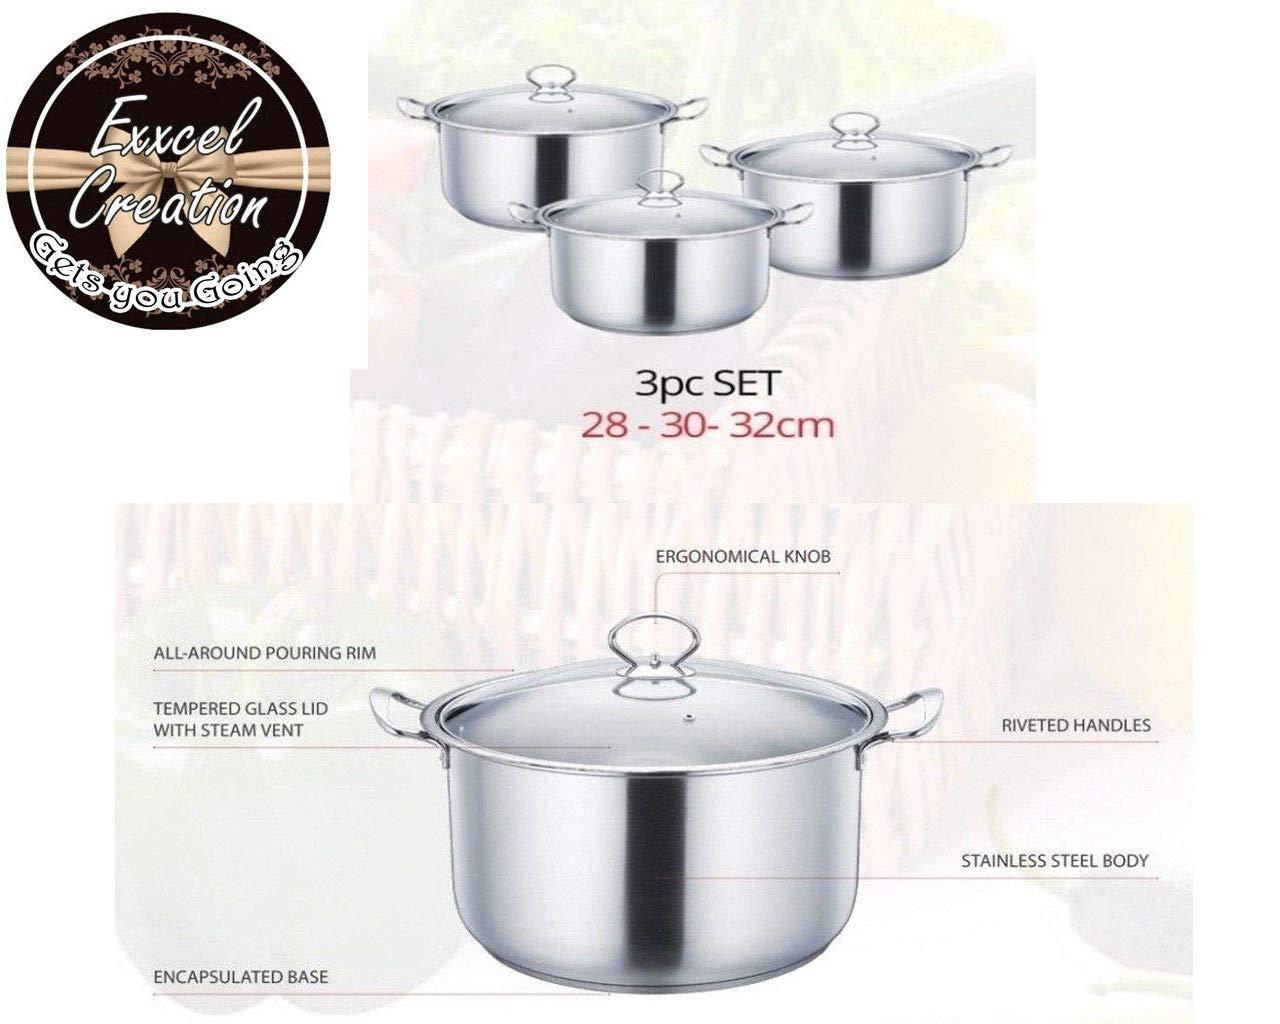 Cacerola metálica de acero inoxidable, 3 piezas, juego de utensilios de cocina plateados, ollas de cocina, sartenes de cocción profunda y tapas de vidrio ...